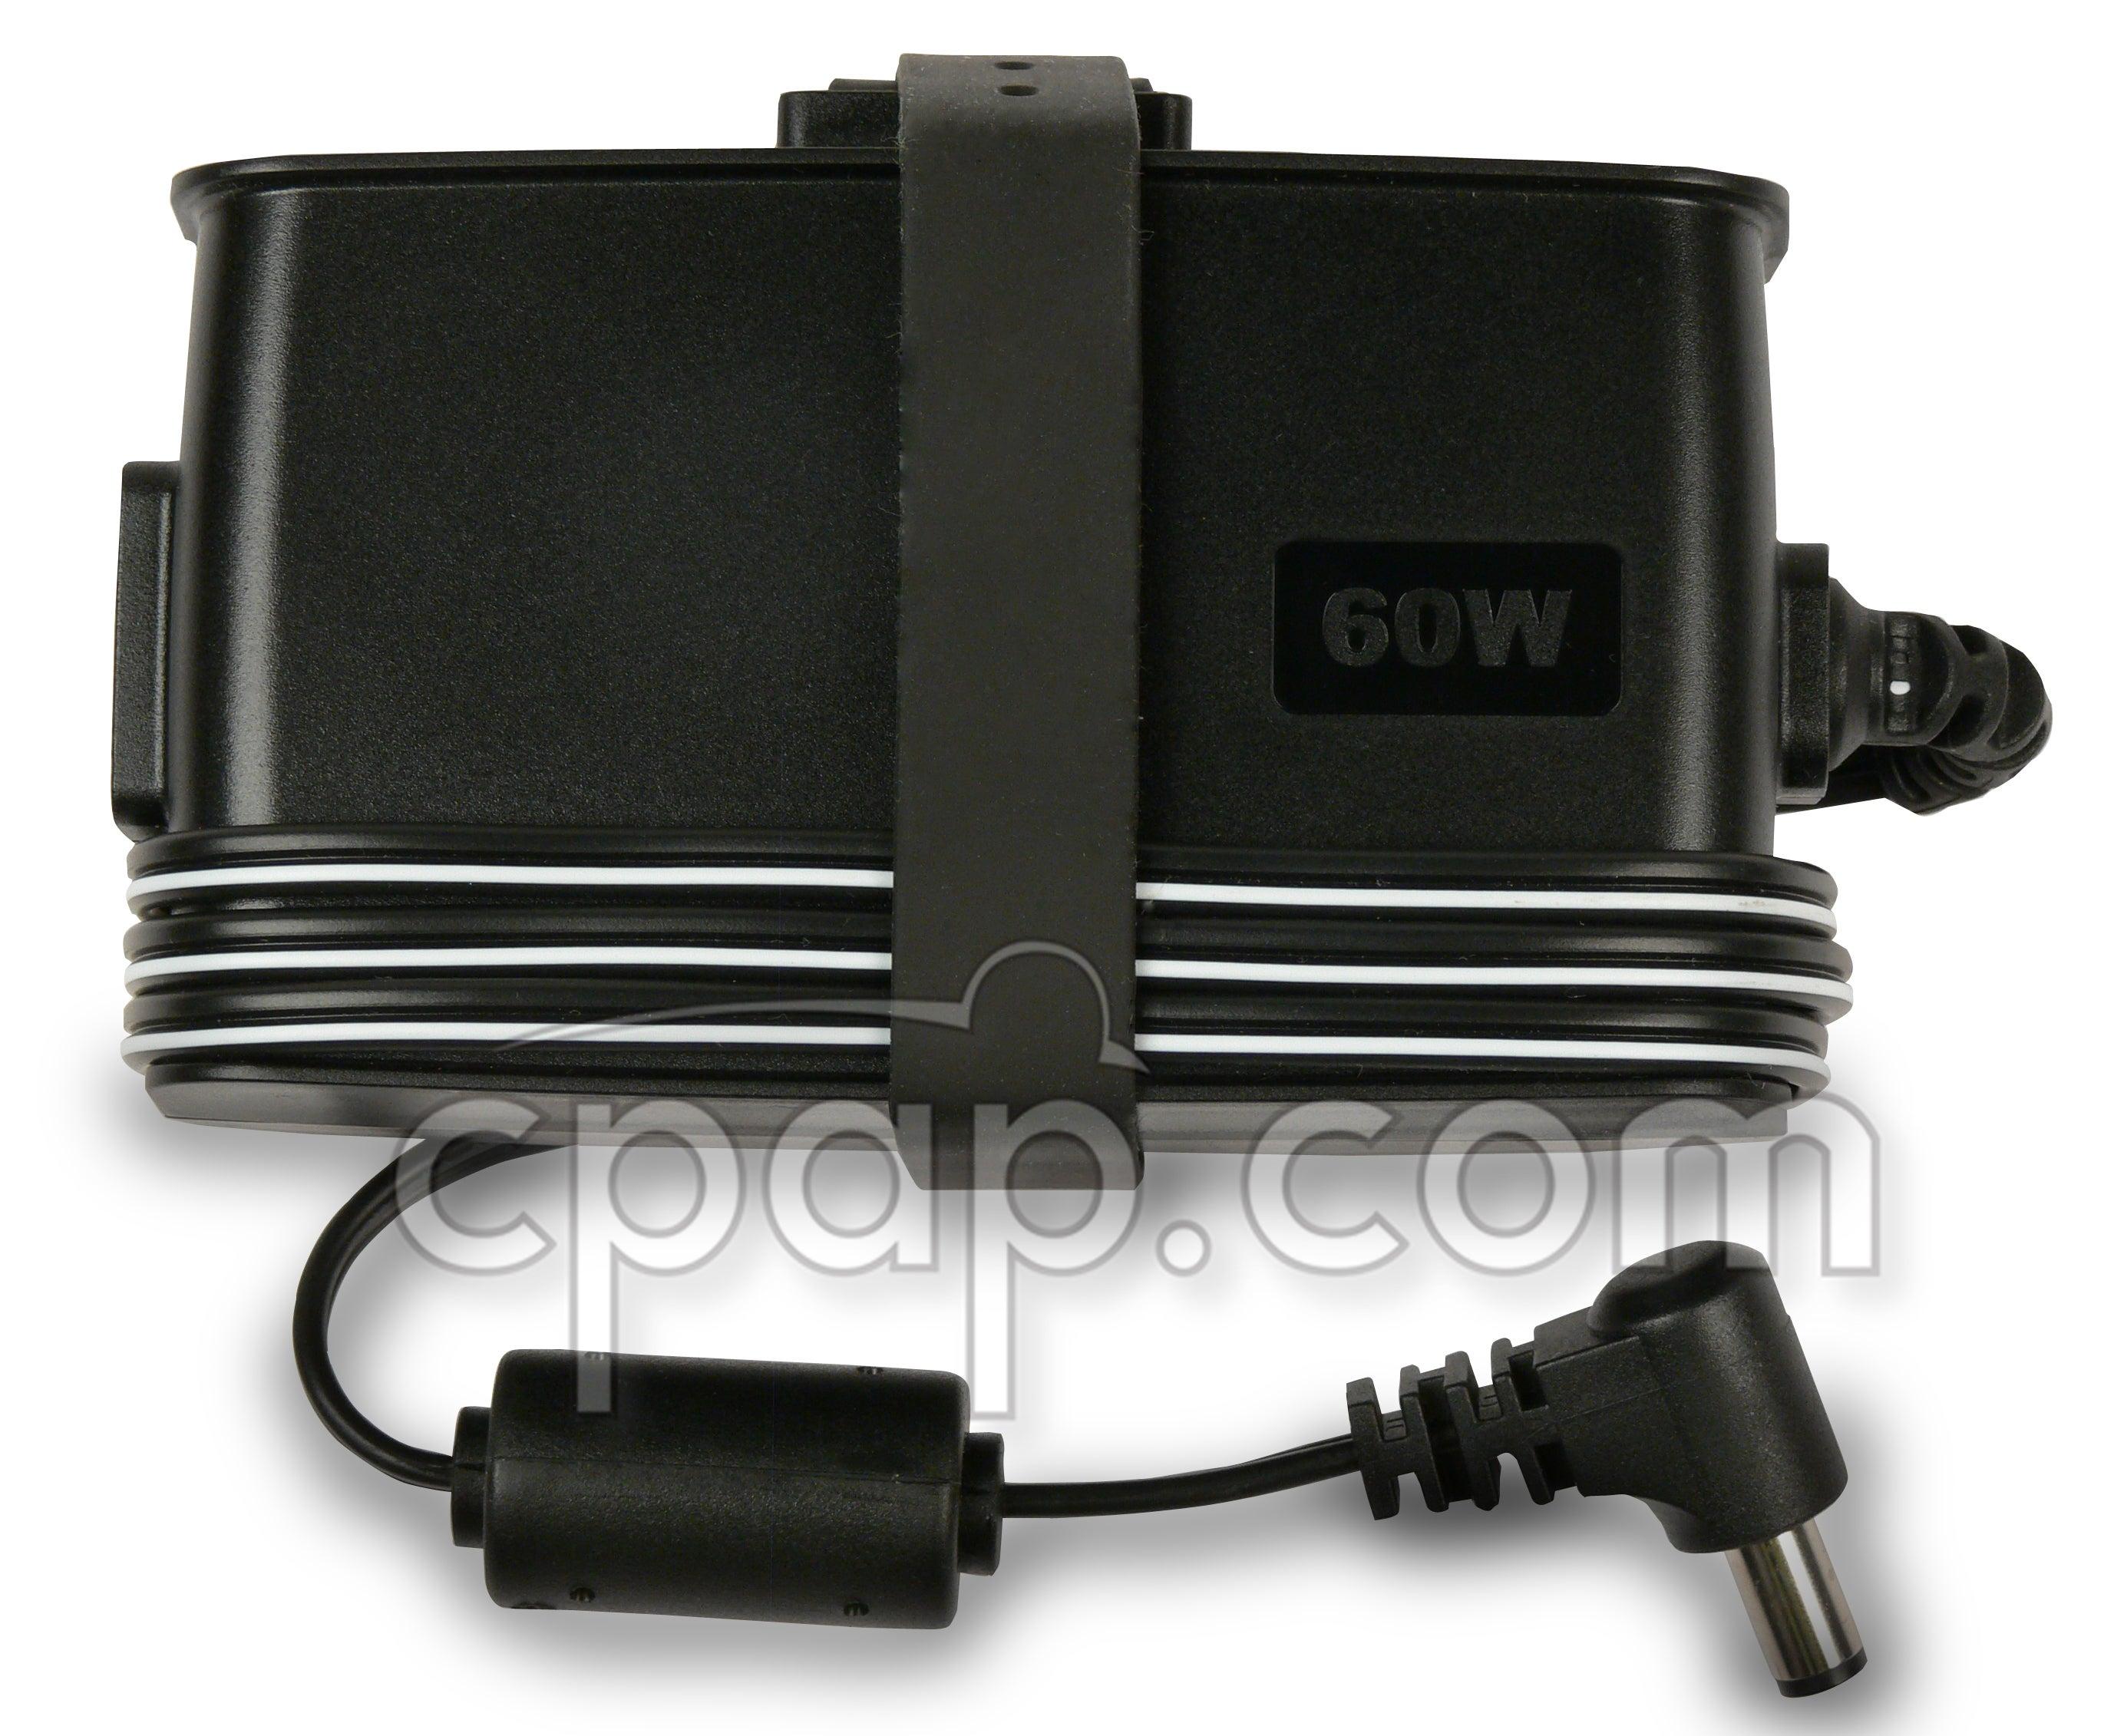 PR System One 60 Series 60 Watt External Power Supply